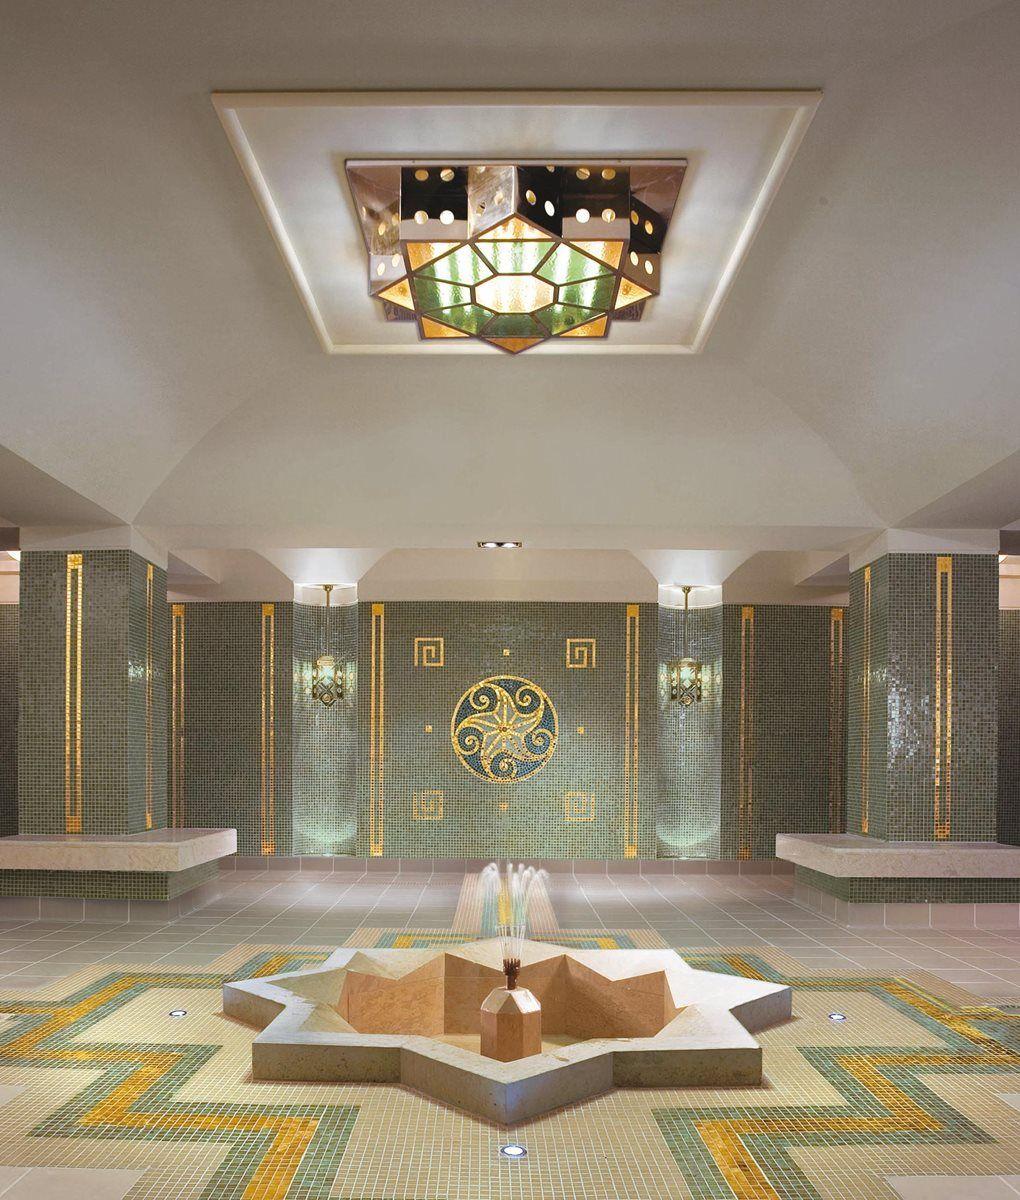 """Aldemar Royal Mare Luxury Resort + Thalasso Spa - Grecia, Creta. Bungalow-Hotel in un grande resort. Con la """"Royal Mare Thalasso Spa"""", una delle migliori SPA al mondo. Talassoterapia, massaggi, fitness e centro benessere. #benessere #spa #dieta #creta #grecia #talassoterapia"""